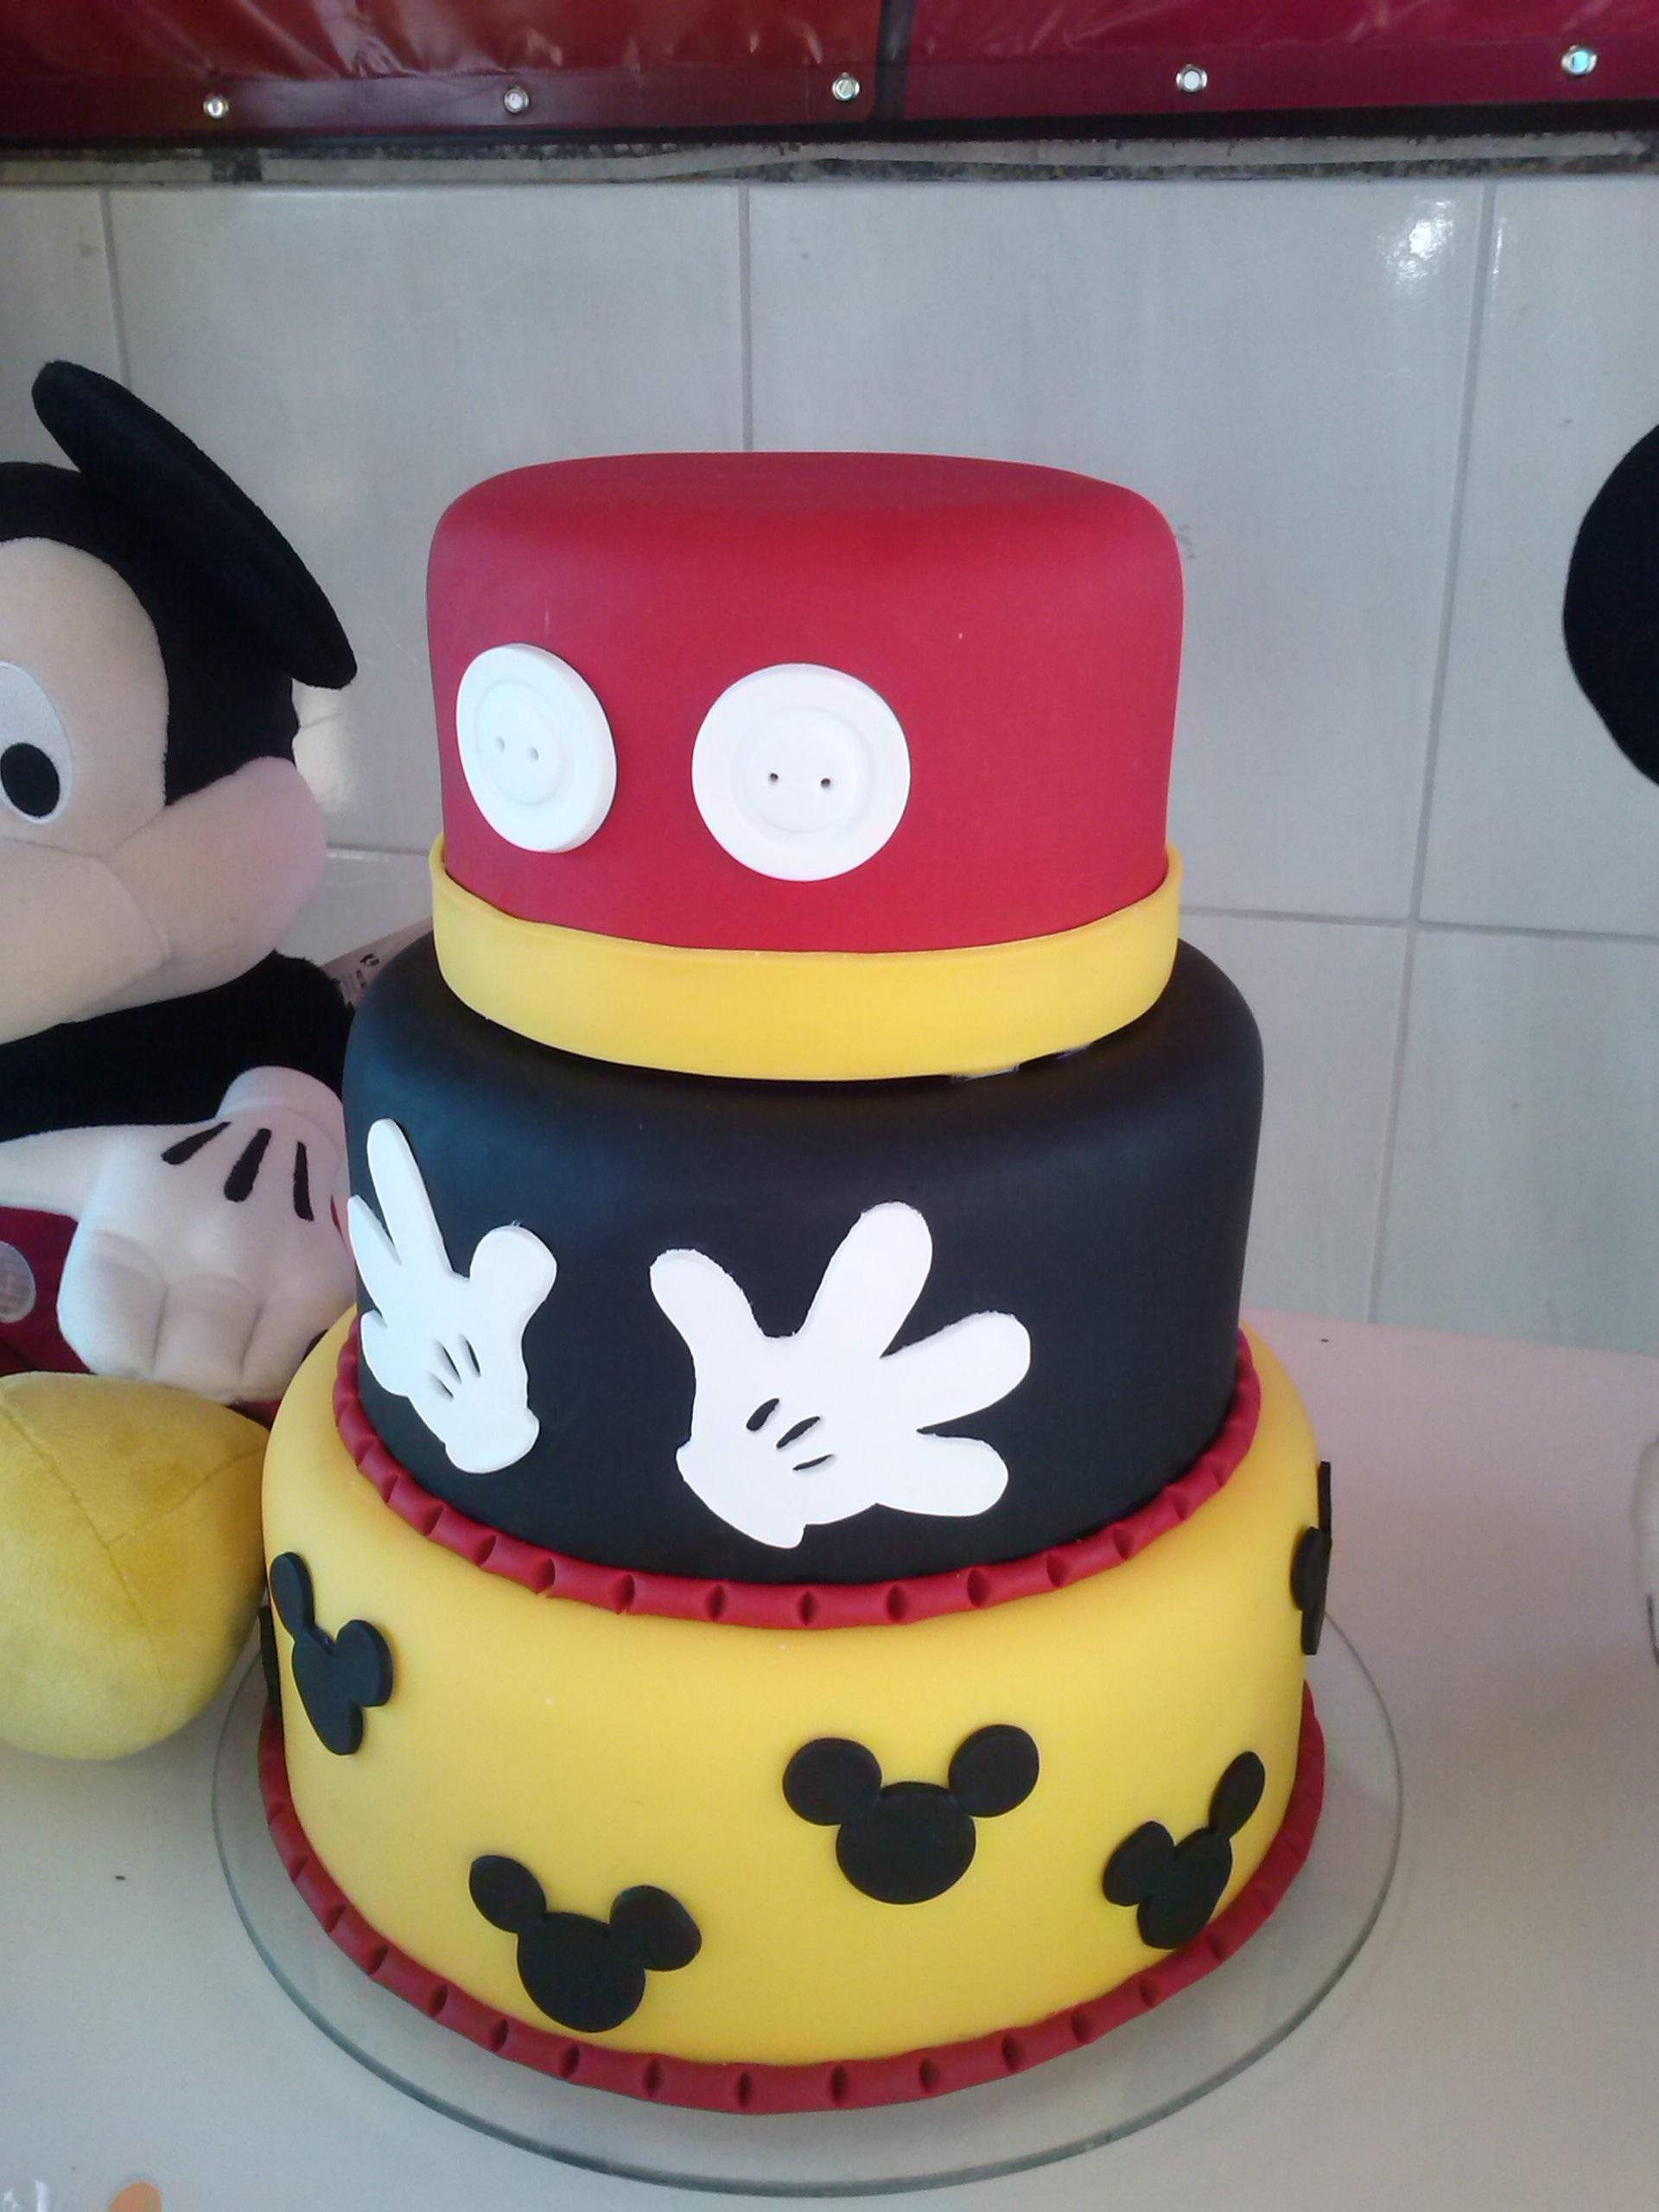 Jcb Cake